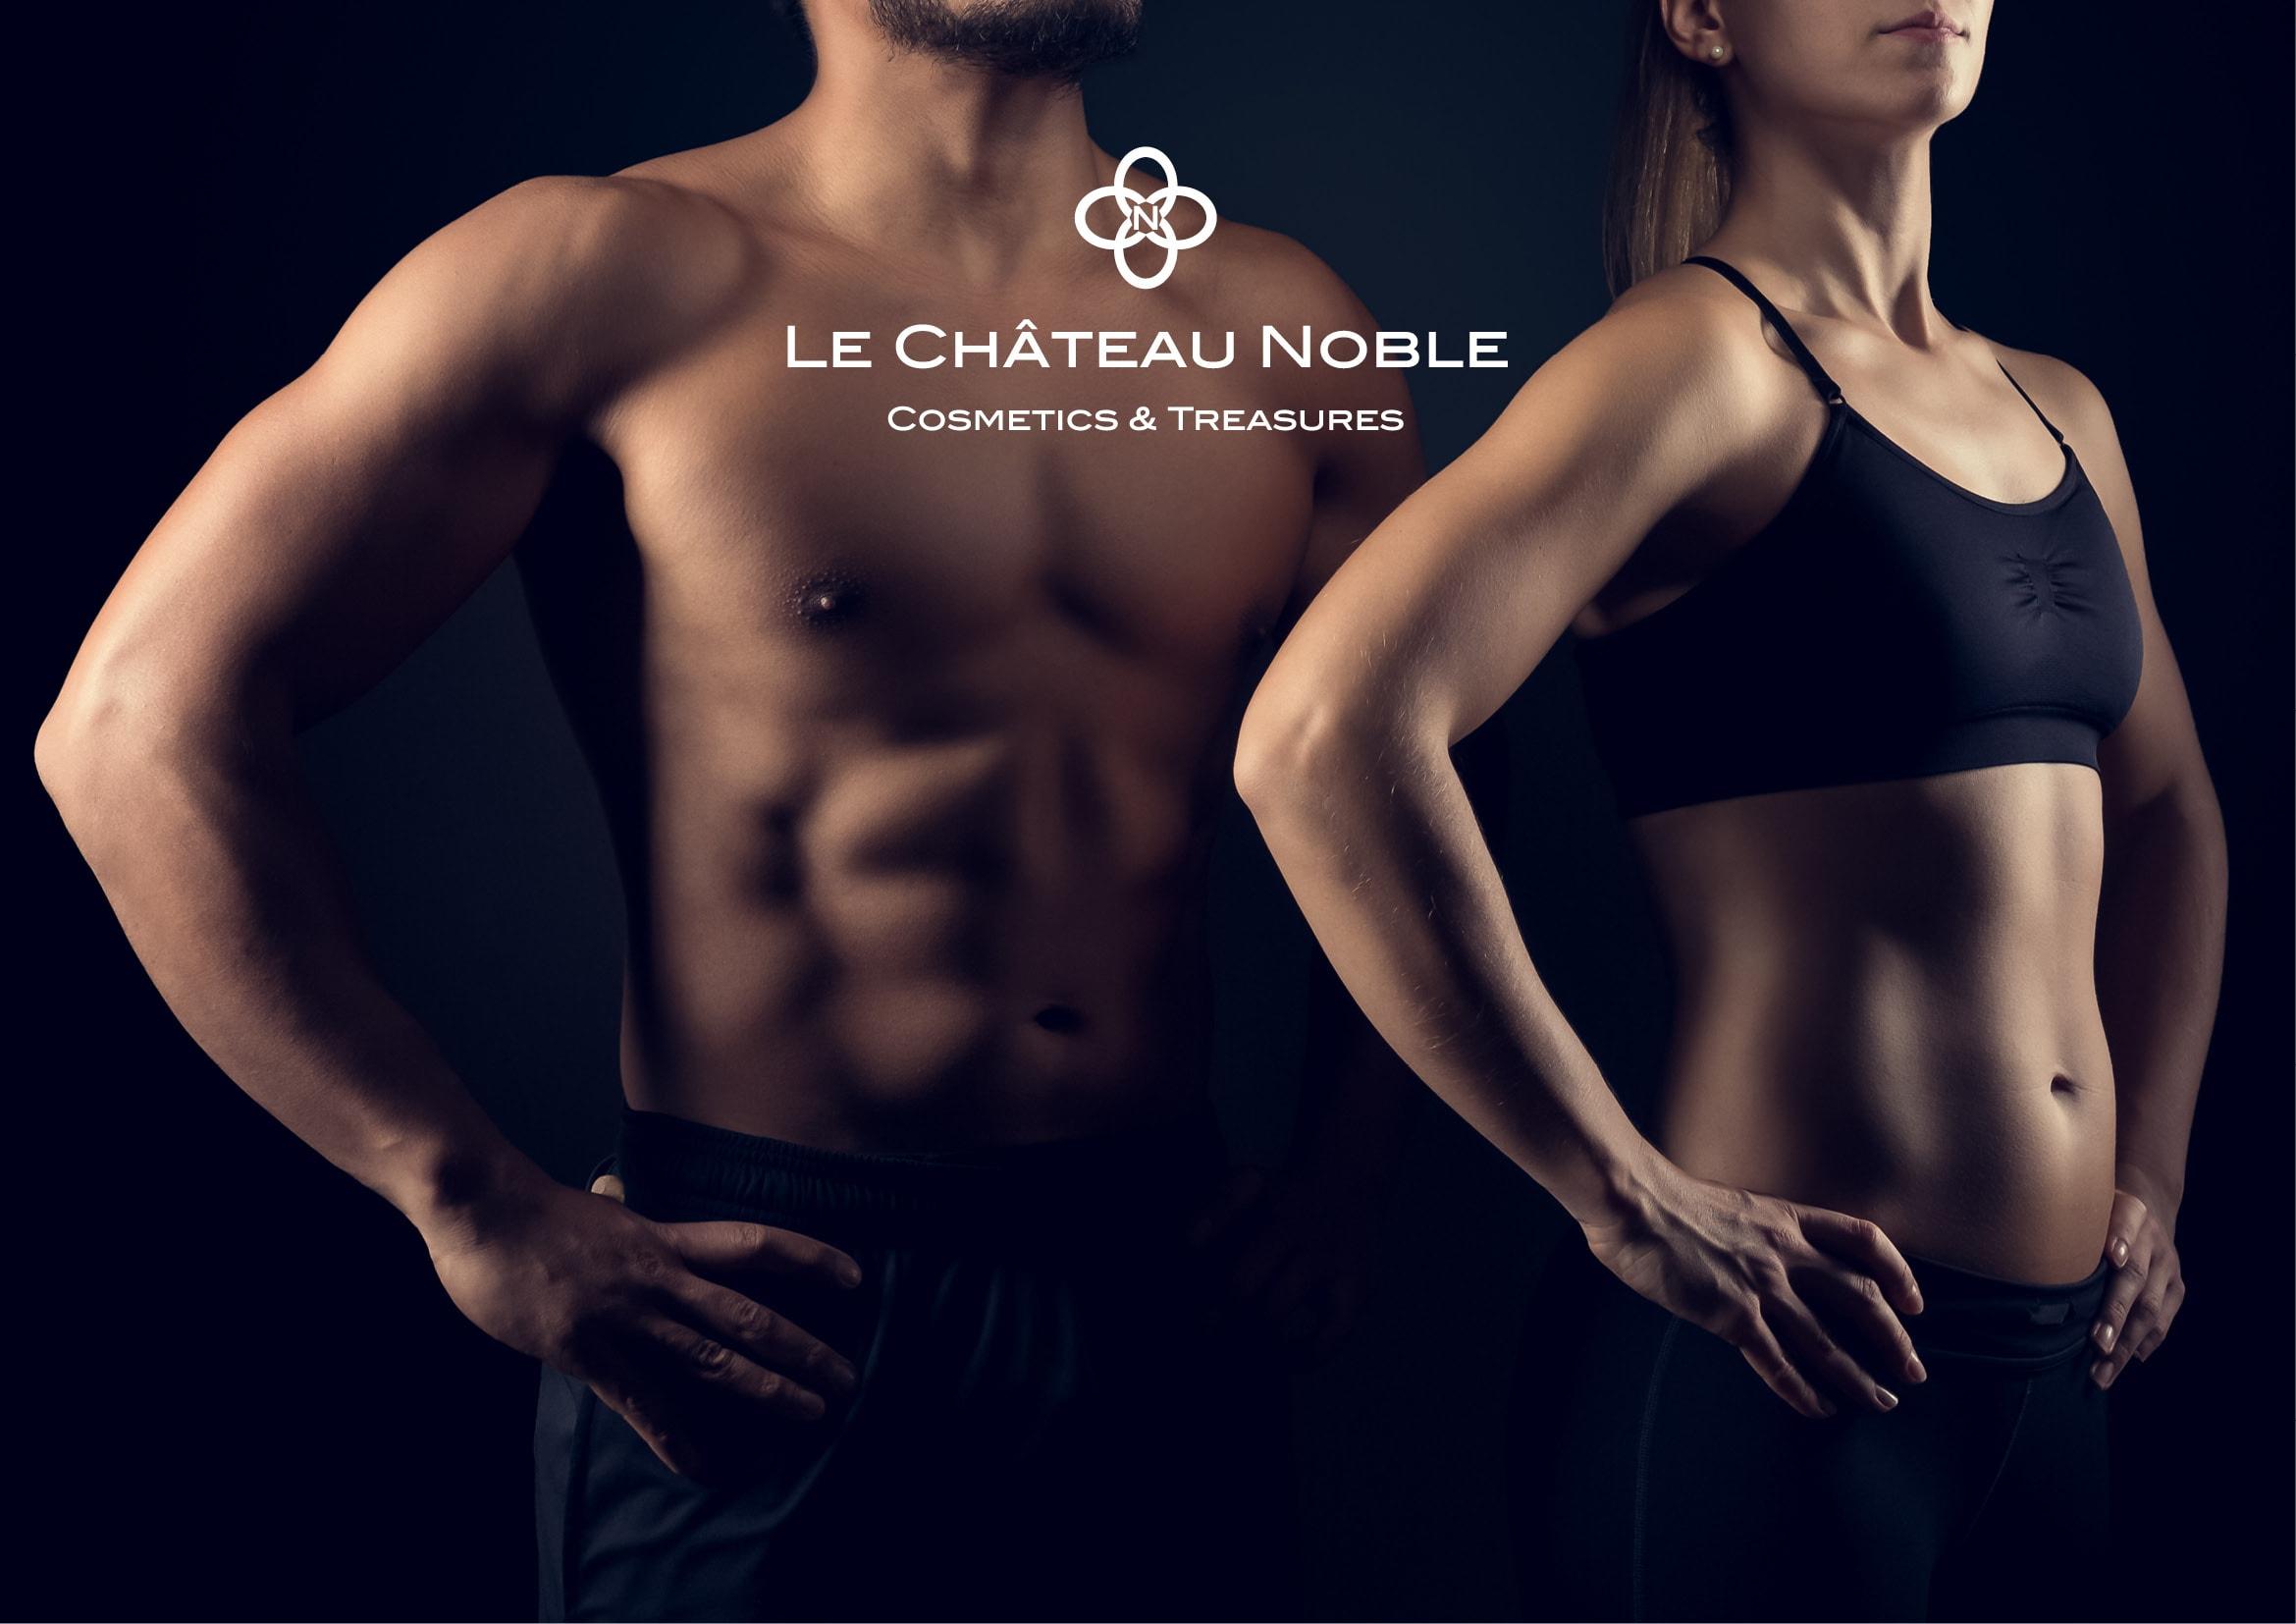 Gestaltung und Programmierung einer Internetseite und Online Shop für Le Chateau Noble durch Webdesigner Ronald Wissler